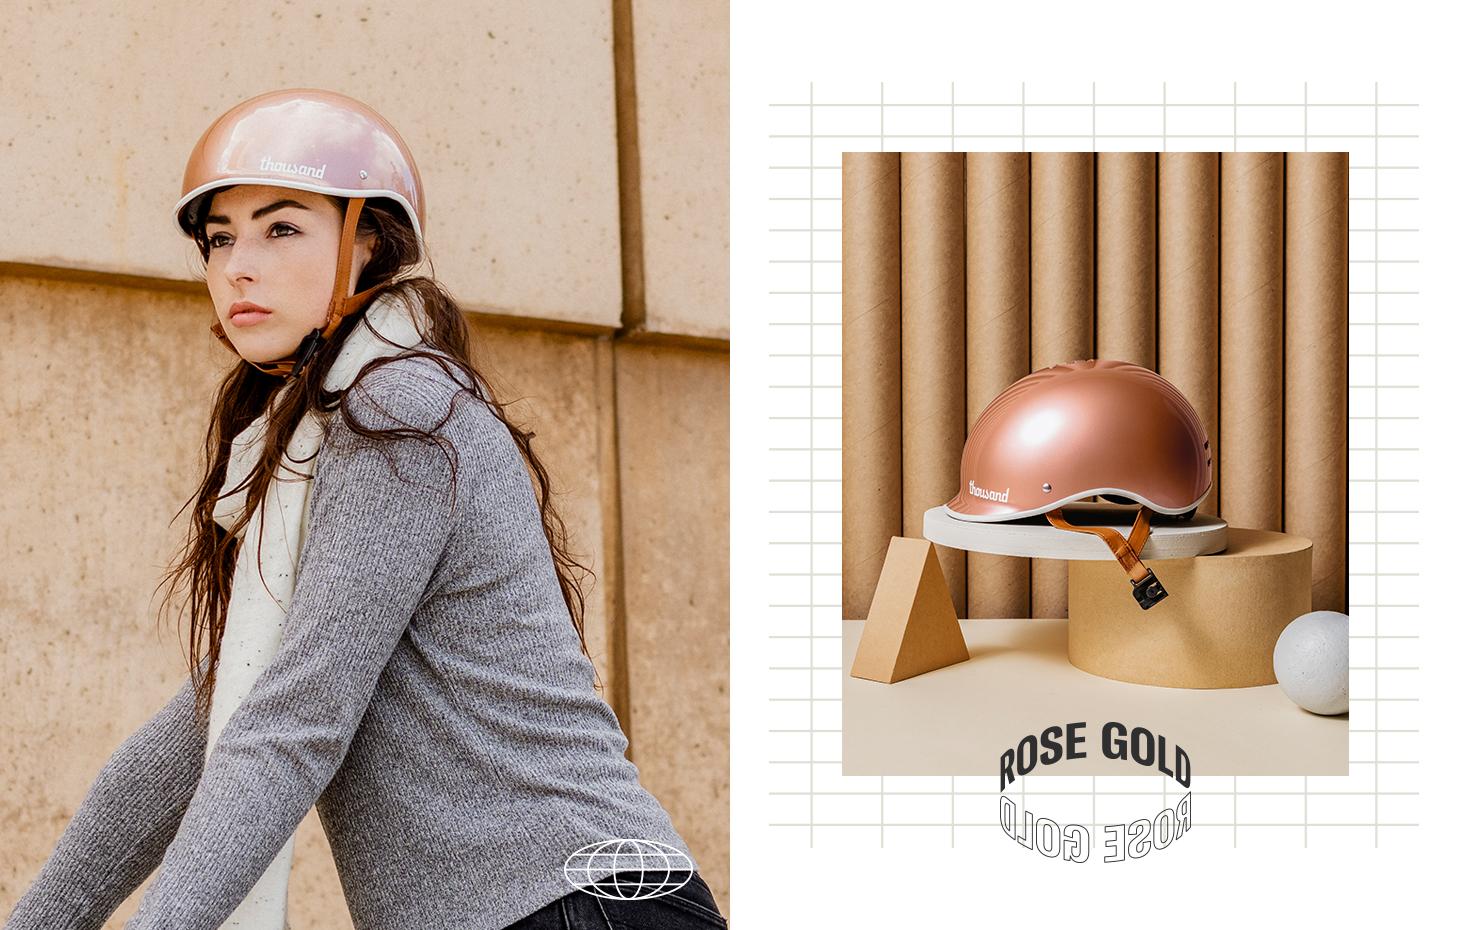 Rose gold bike helmet